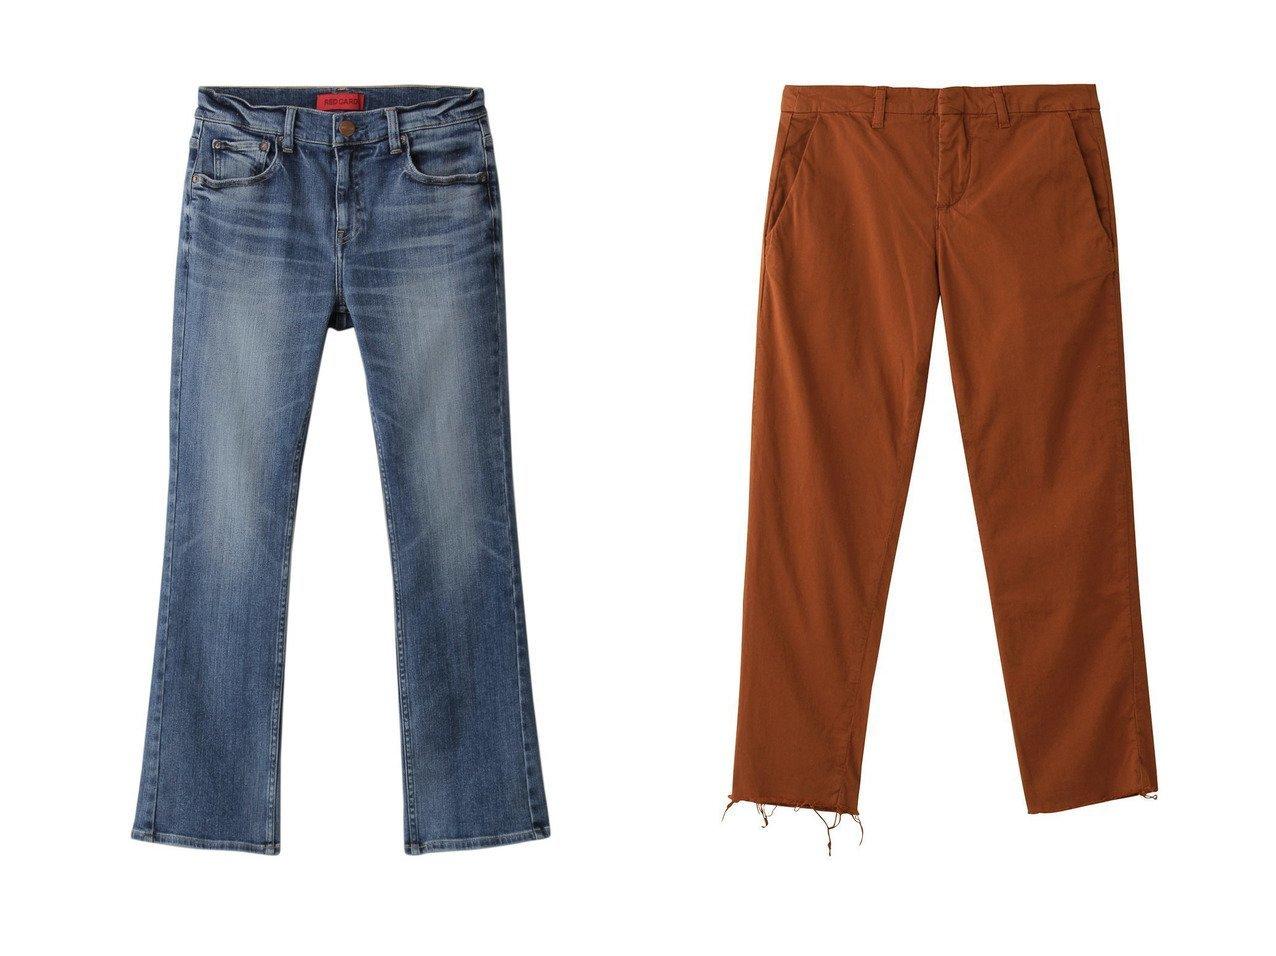 【Frank&Eileen/フランク&アイリーン】のWICKLOW チノパン&【RED CARD/レッドカード】のWoodstock ブーツカットデニムパンツ パンツのおすすめ!人気、トレンド・レディースファッションの通販 おすすめで人気の流行・トレンド、ファッションの通販商品 メンズファッション・キッズファッション・インテリア・家具・レディースファッション・服の通販 founy(ファニー) https://founy.com/ ファッション Fashion レディースファッション WOMEN パンツ Pants デニムパンツ Denim Pants 2020年 2020 2020-2021 秋冬 A/W AW Autumn/Winter / FW Fall-Winter 2020-2021 2021年 2021 2021 春夏 S/S SS Spring/Summer 2021 カーゴパンツ 春 Spring A/W 秋冬 AW Autumn/Winter / FW Fall-Winter |ID:crp329100000010692